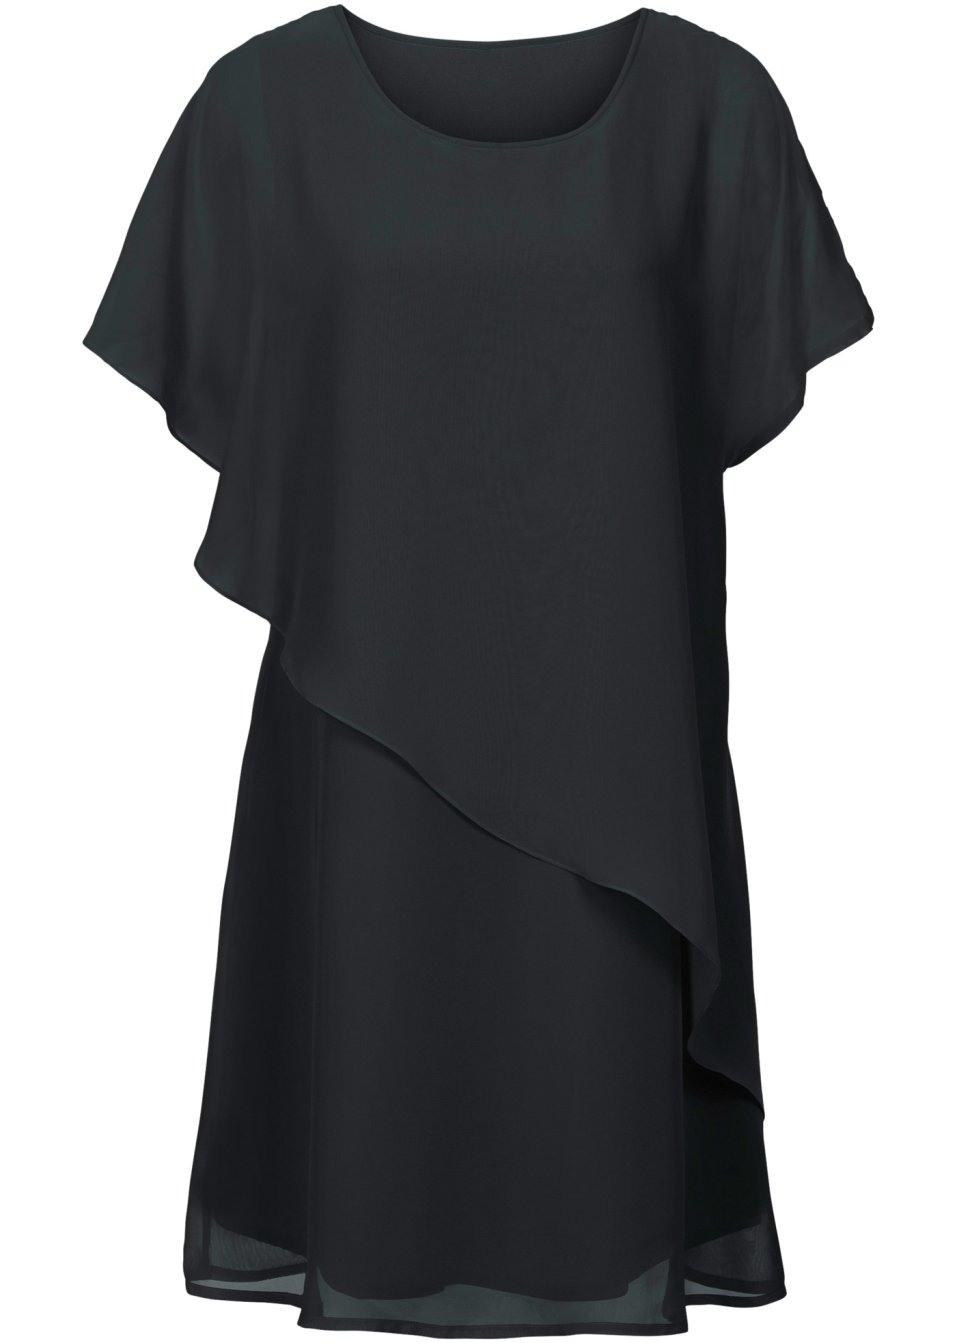 Abend Schön Hängerchen Kleid Schwarz Vertrieb13 Großartig Hängerchen Kleid Schwarz Design